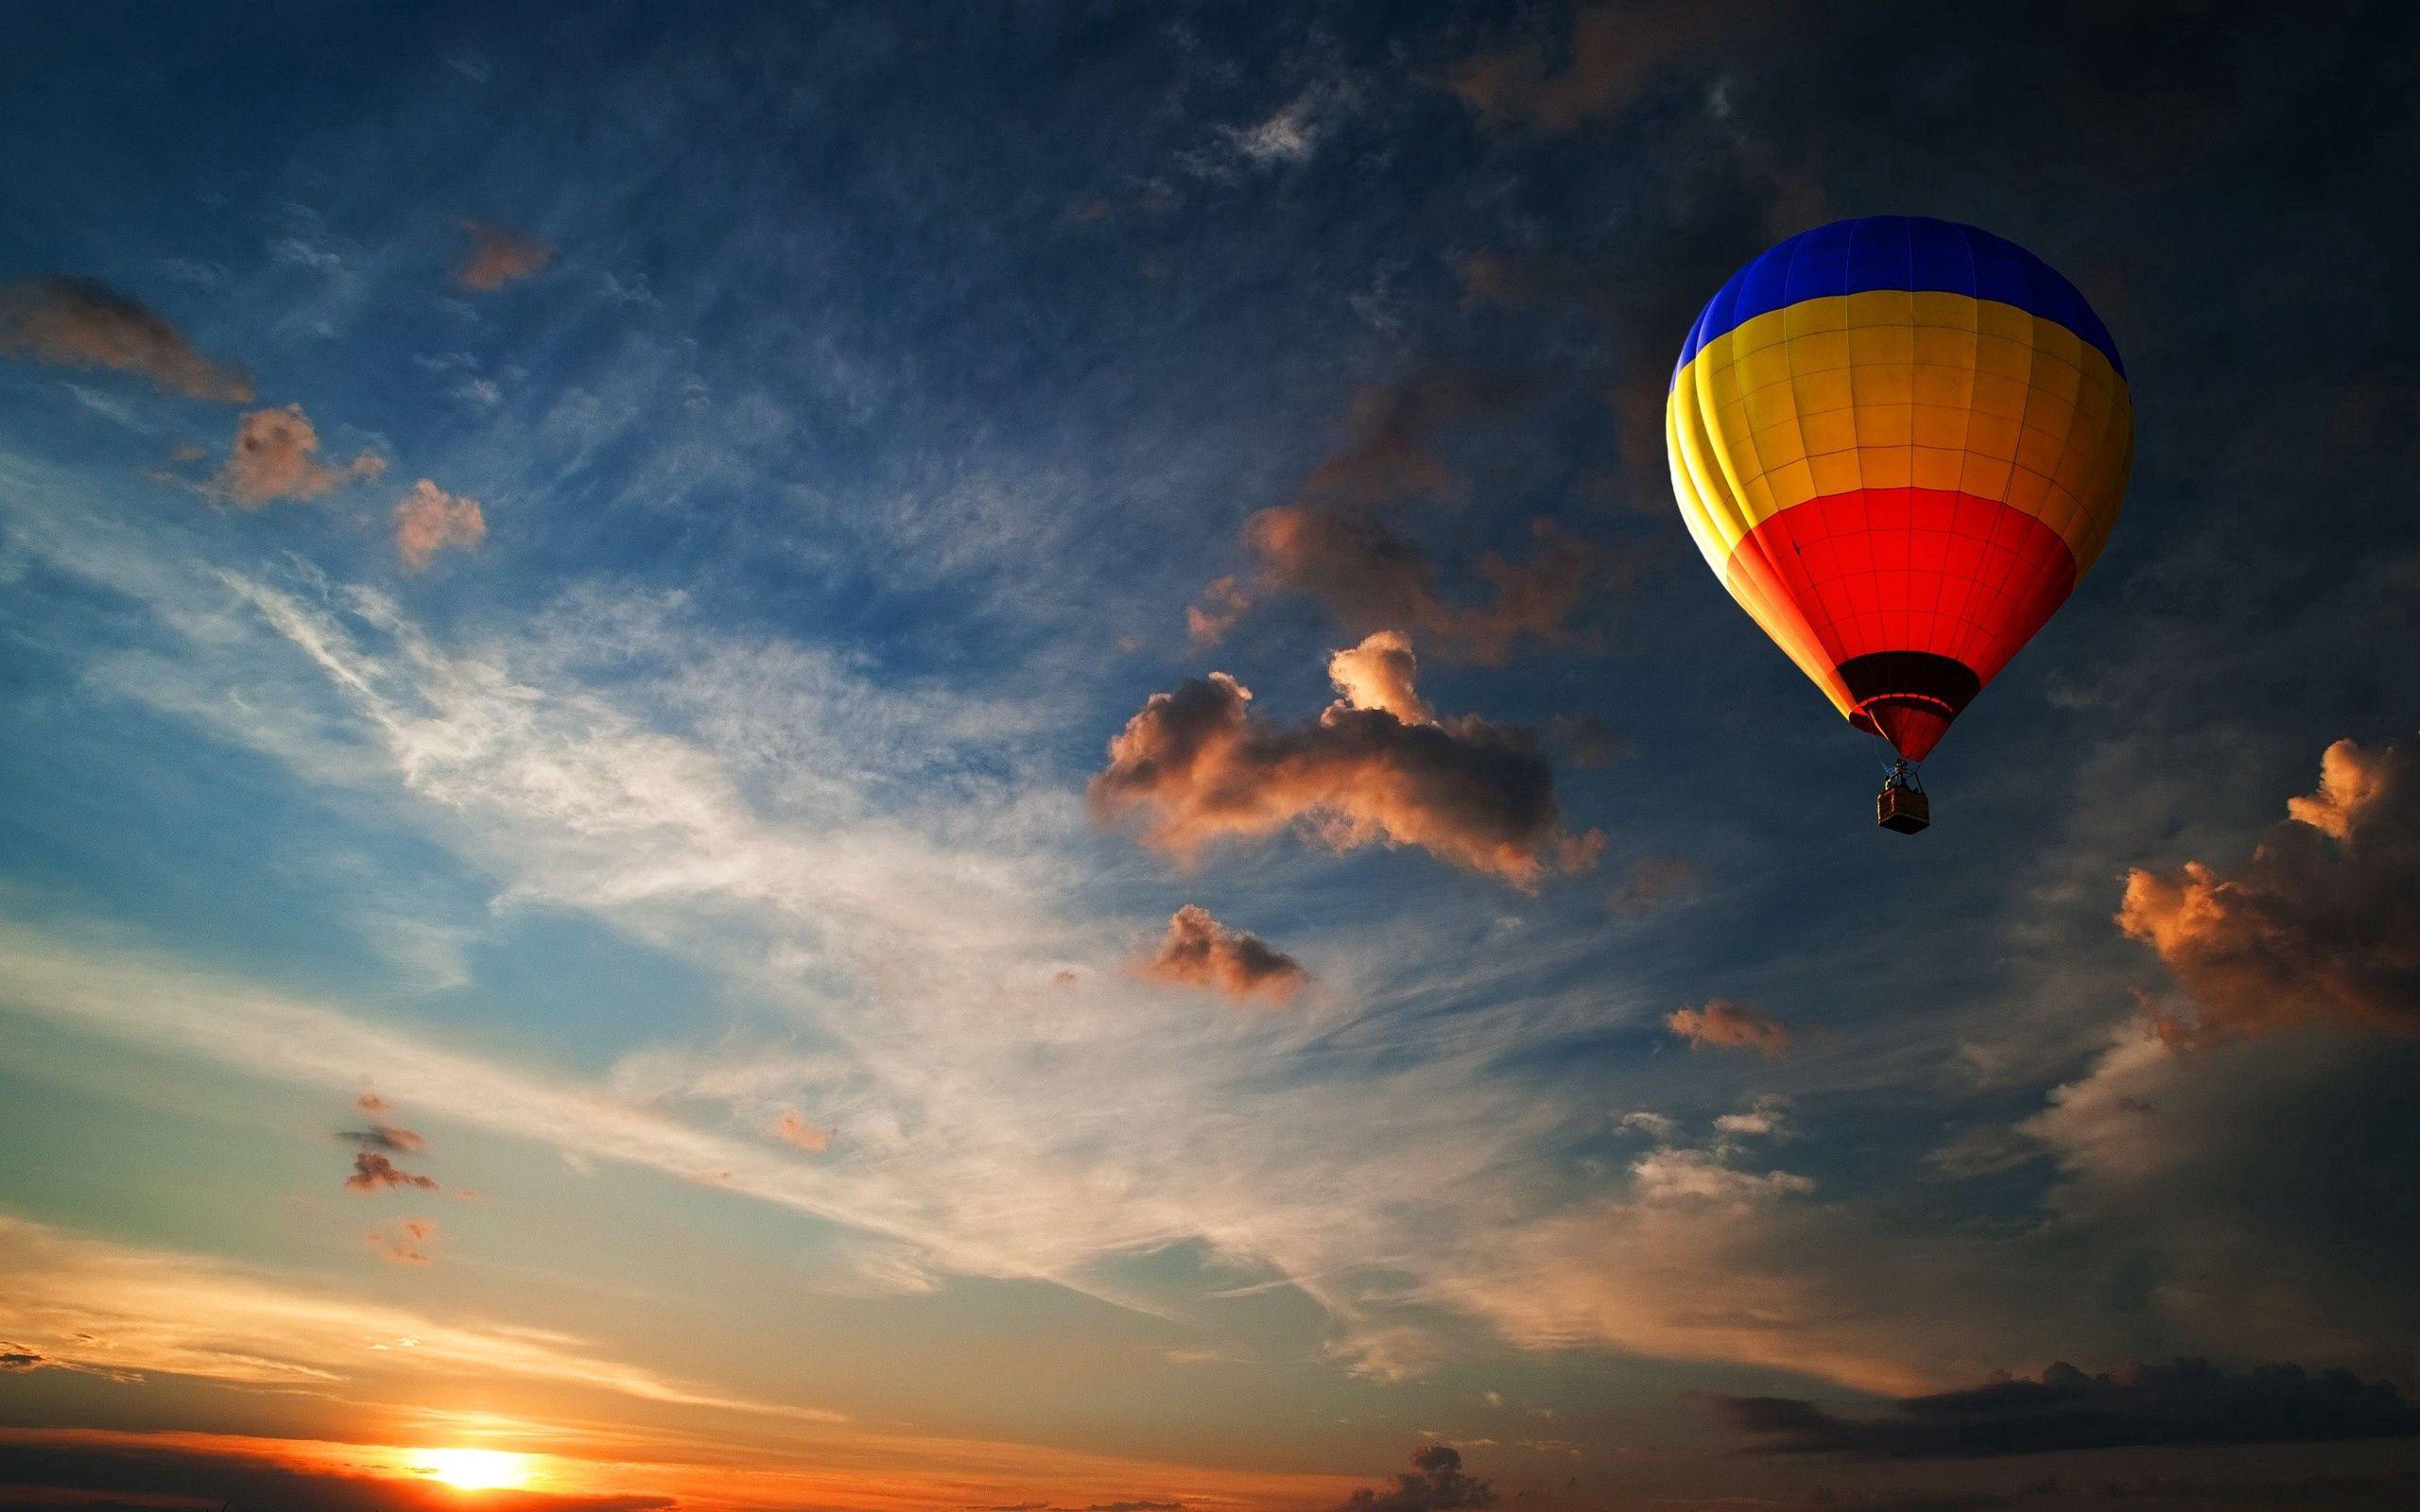 61259 Hintergrundbild herunterladen Sonstige, Sky, Clouds, Verschiedenes, Flug, Luftballon, Ballon - Bildschirmschoner und Bilder kostenlos